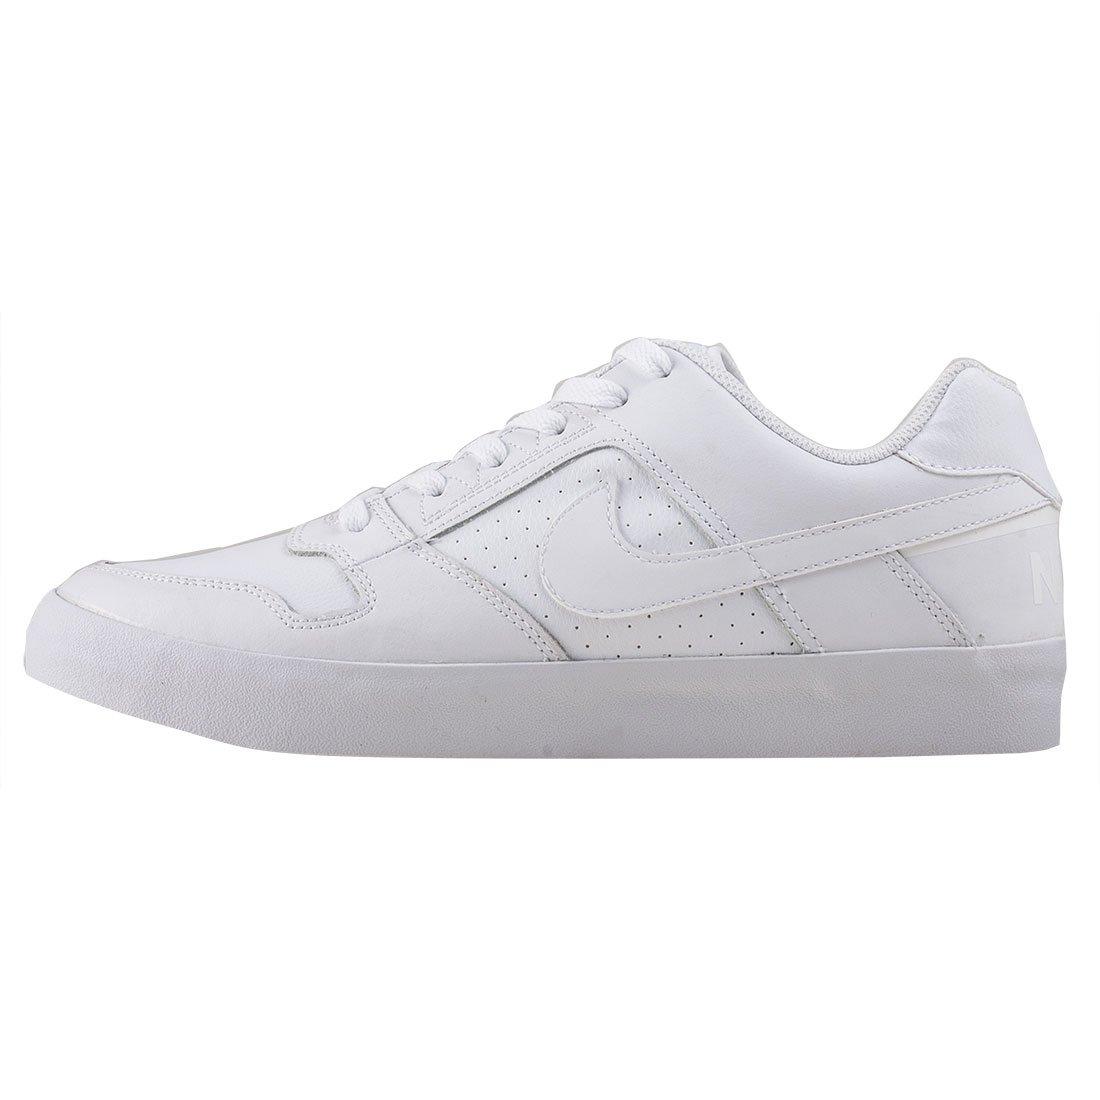 Nike SB Delta Force Vulc - - - Scarpe da Skateboard Uomo B012J1AF7U 42.5 EU Bianco (bianca bianca-bianca 112)   Online Store    Una Buona Reputazione Nel Mondo    Una Grande Varietà Di Prodotti    Online Shop    Beautiful    Meno Costosi Di  c58b8b